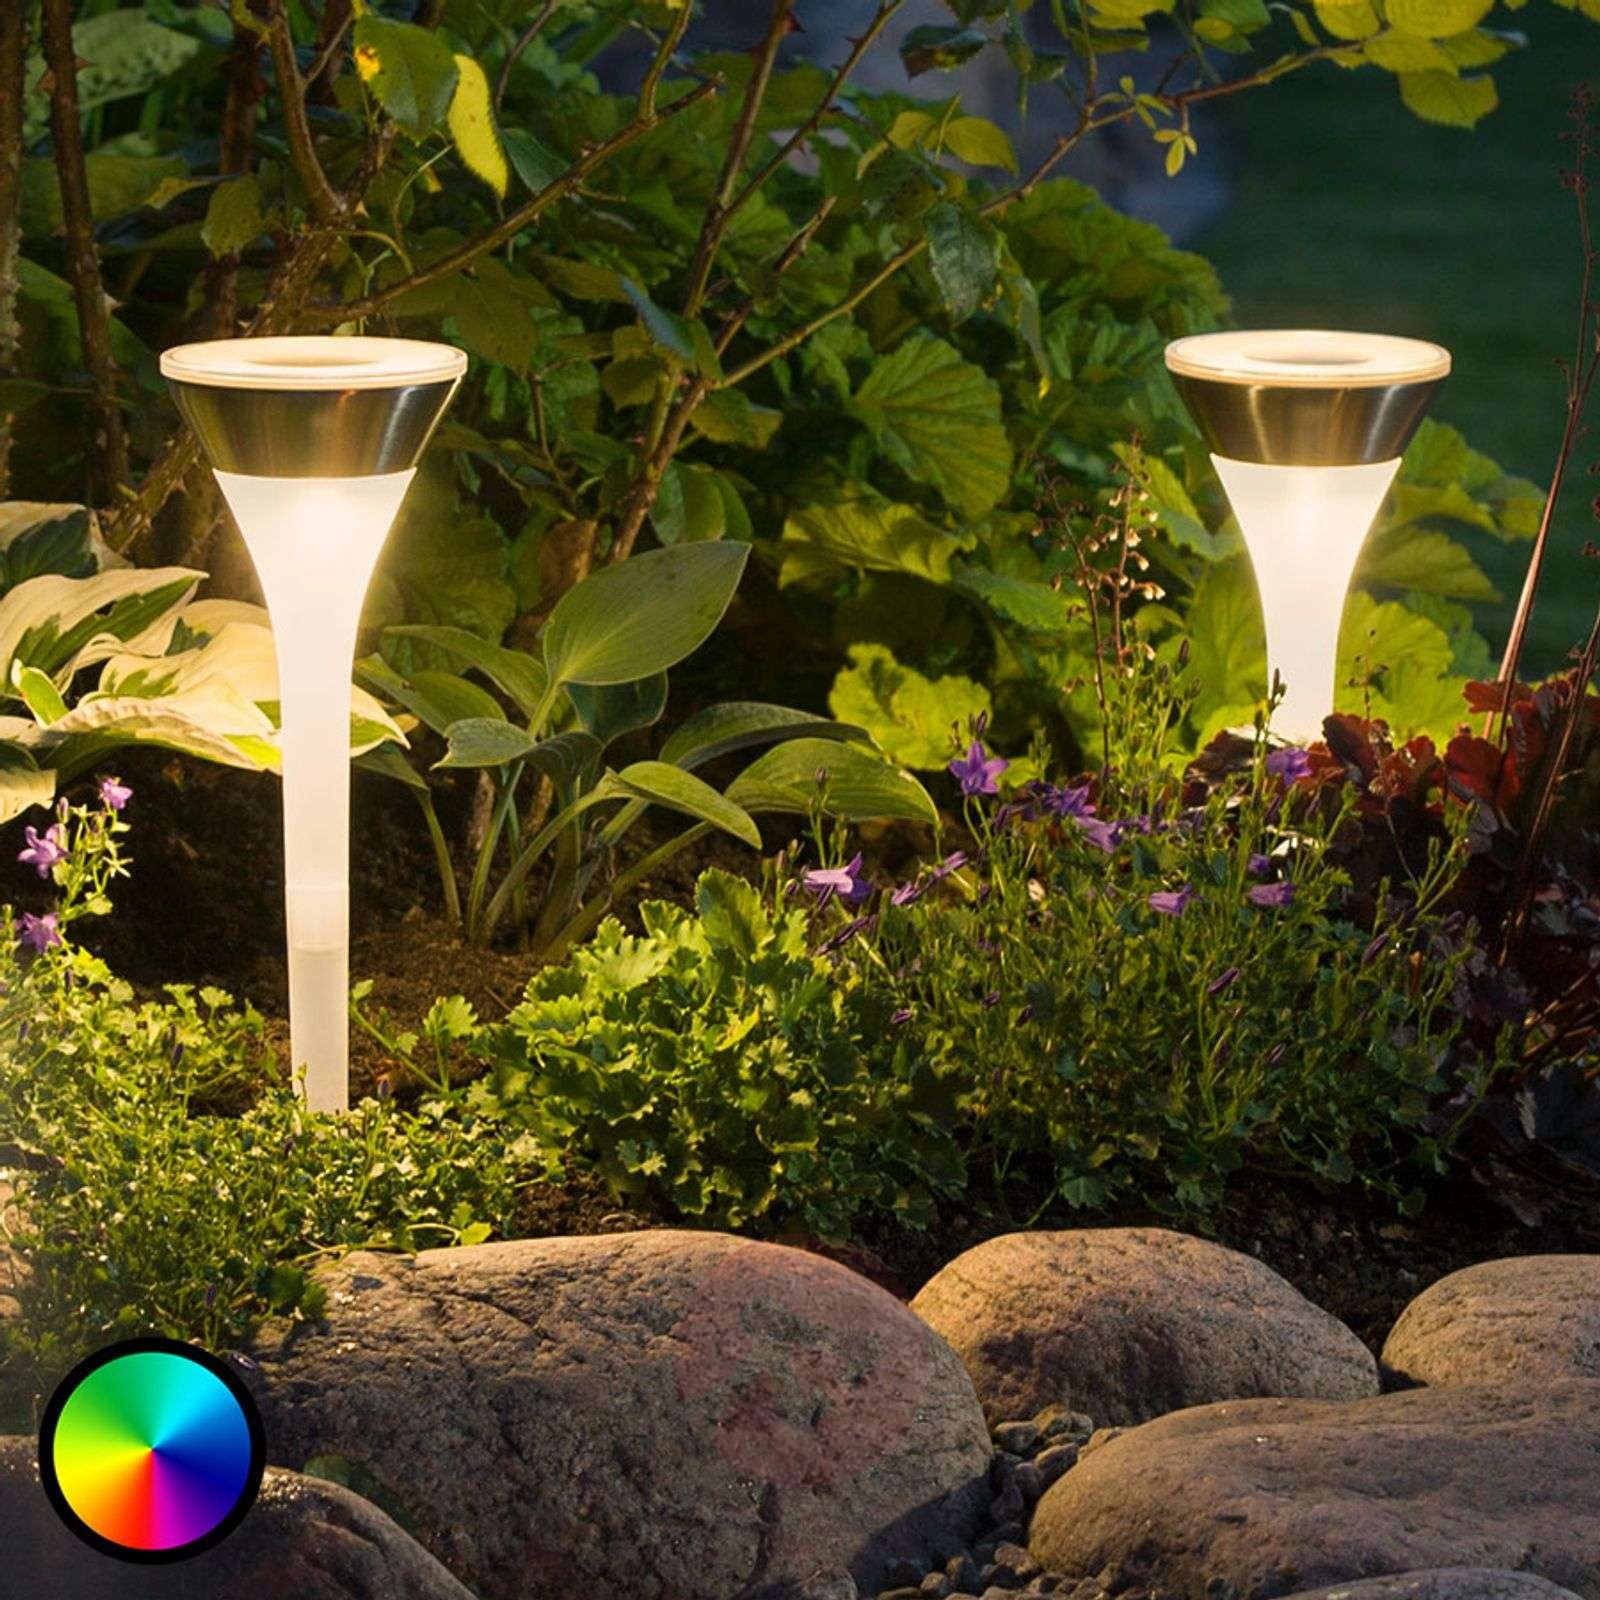 lampy ogrodowe wbijane w ziemie